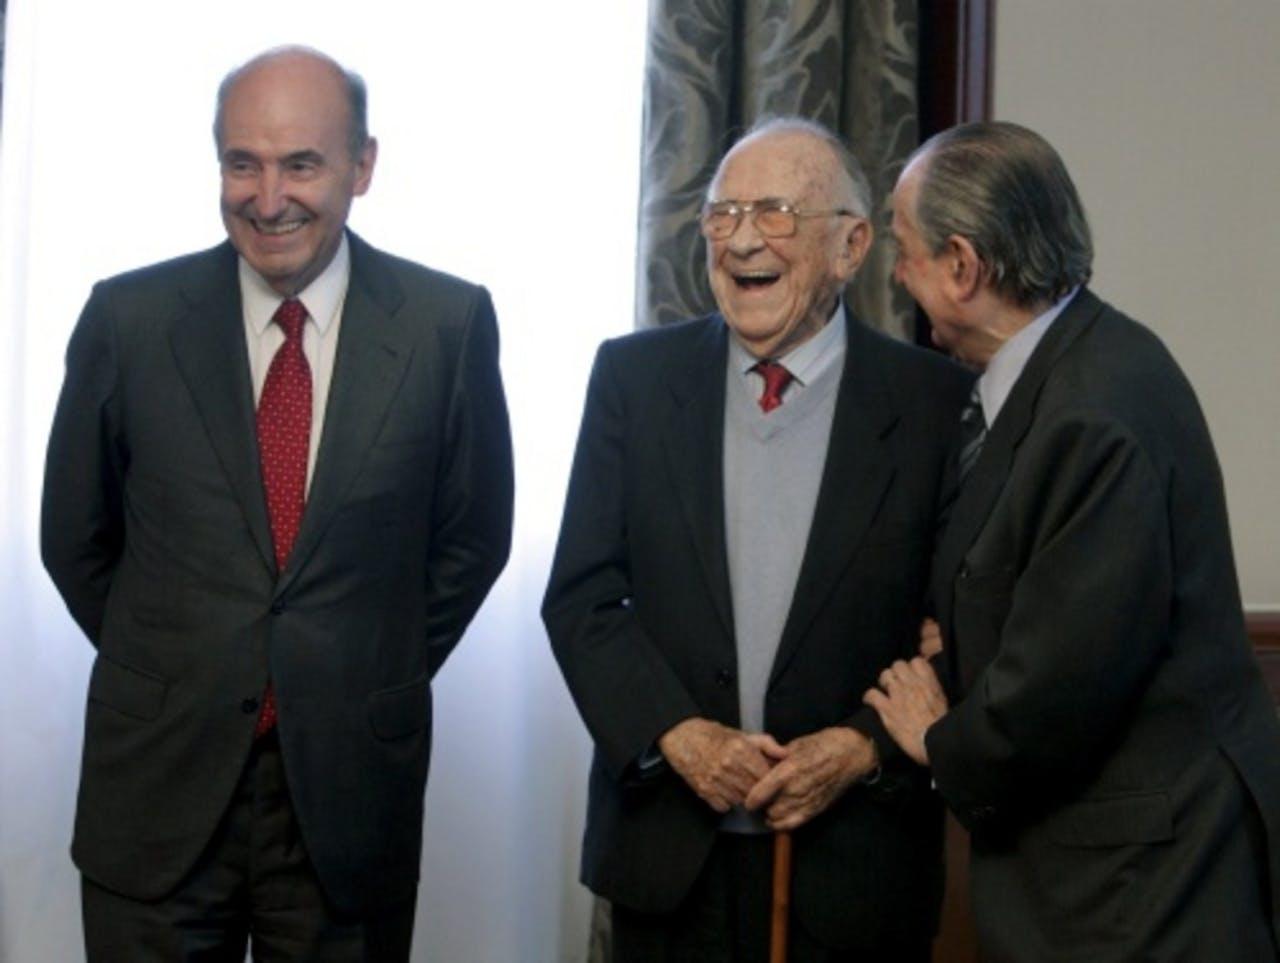 Santiago Carrillo in het midden. EPA